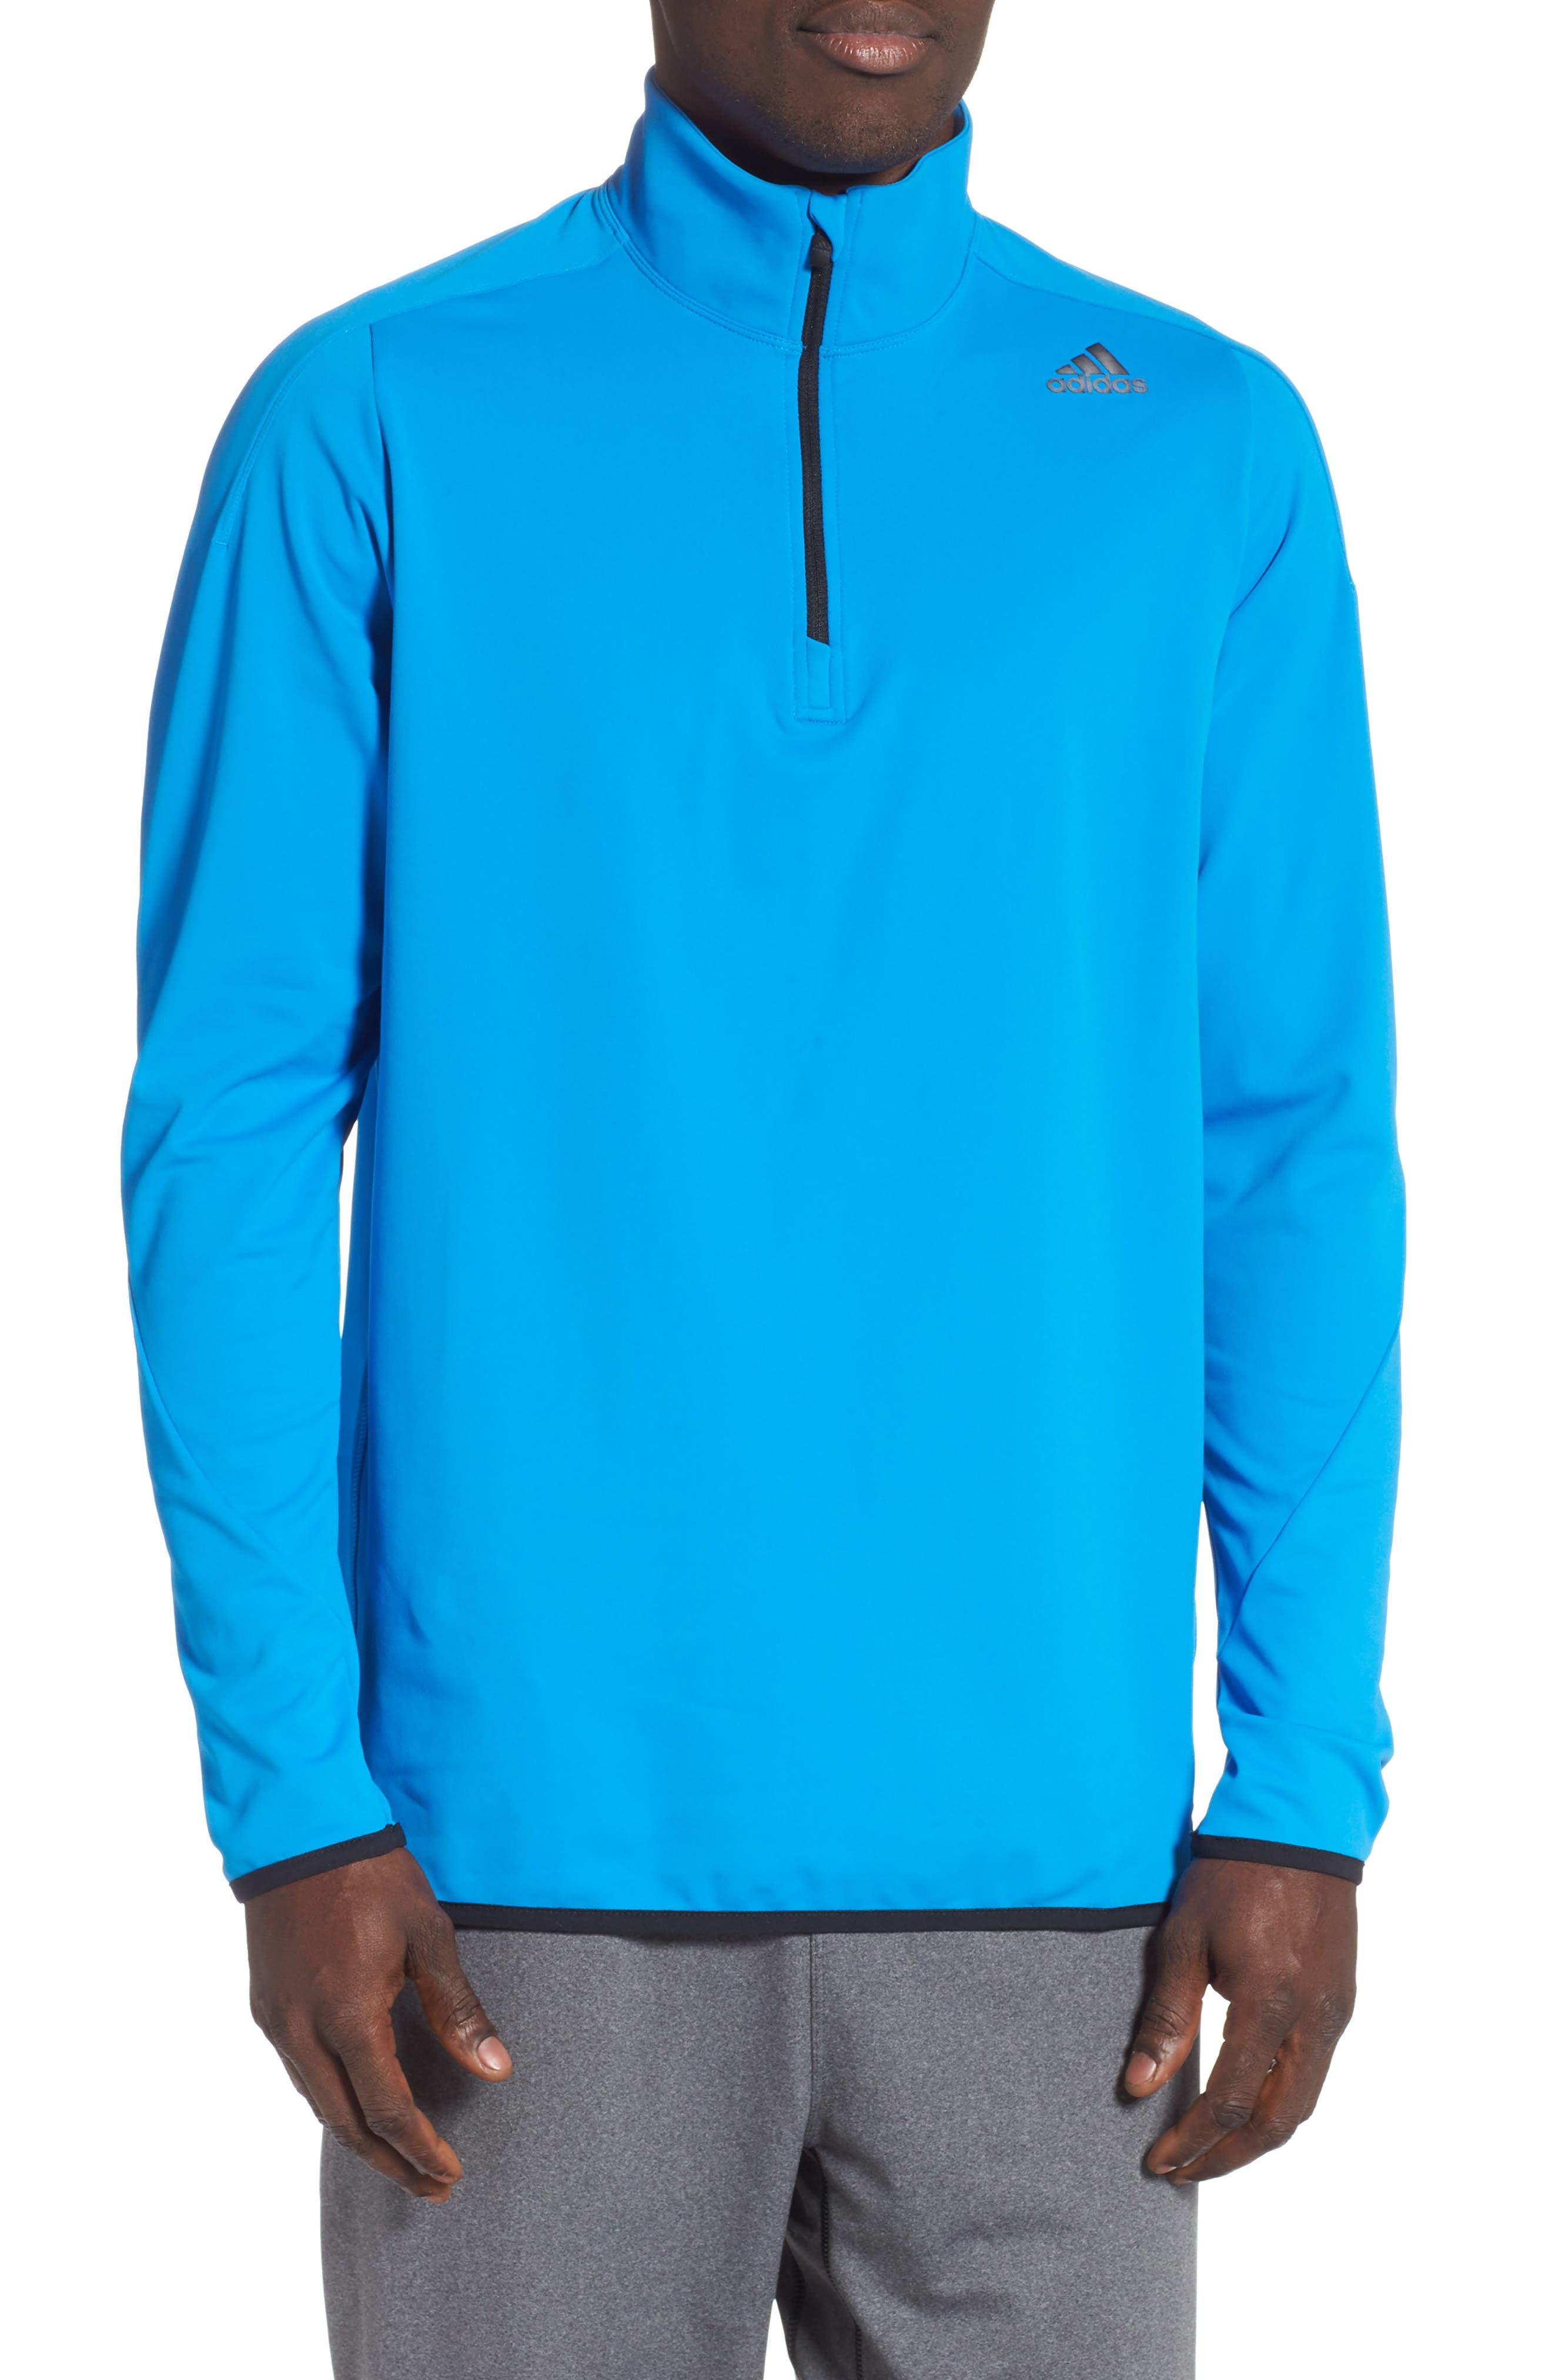 Adidas Ultimate Transitional Training Jacket